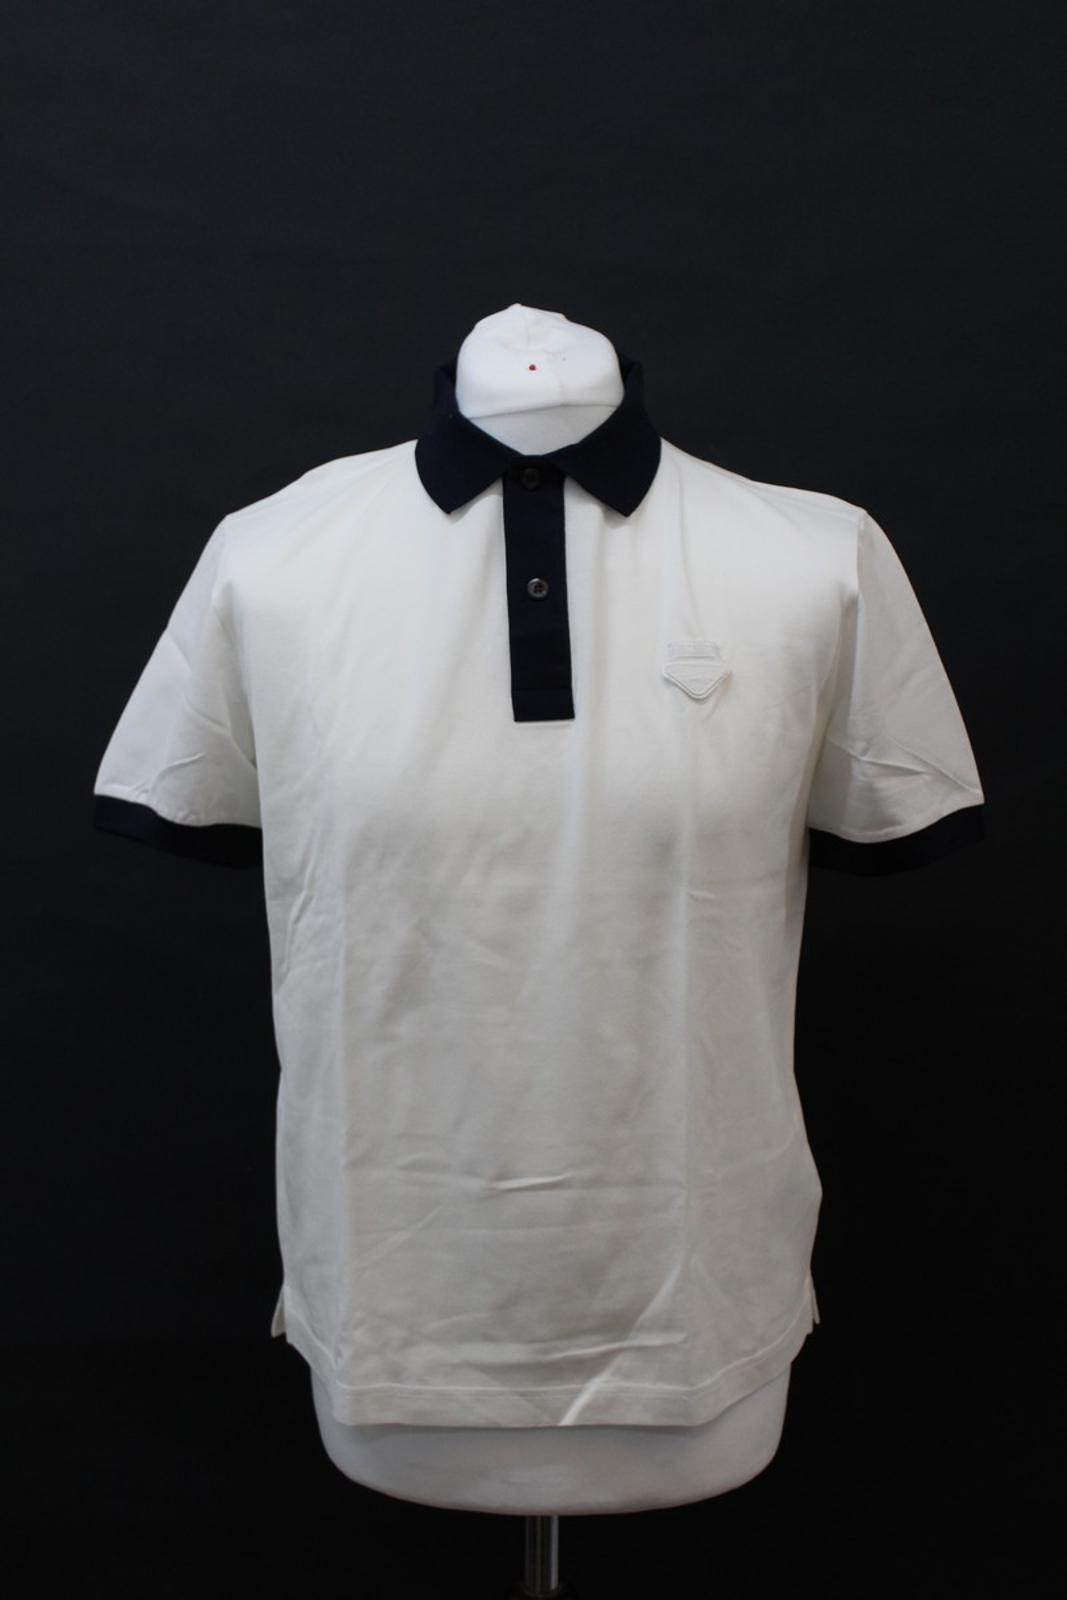 PRADA-Uomo-Avorio-Blu-Navy-Cotone-Maniche-Corte-Con-Colletto-Collo-Polo-XL miniatura 2